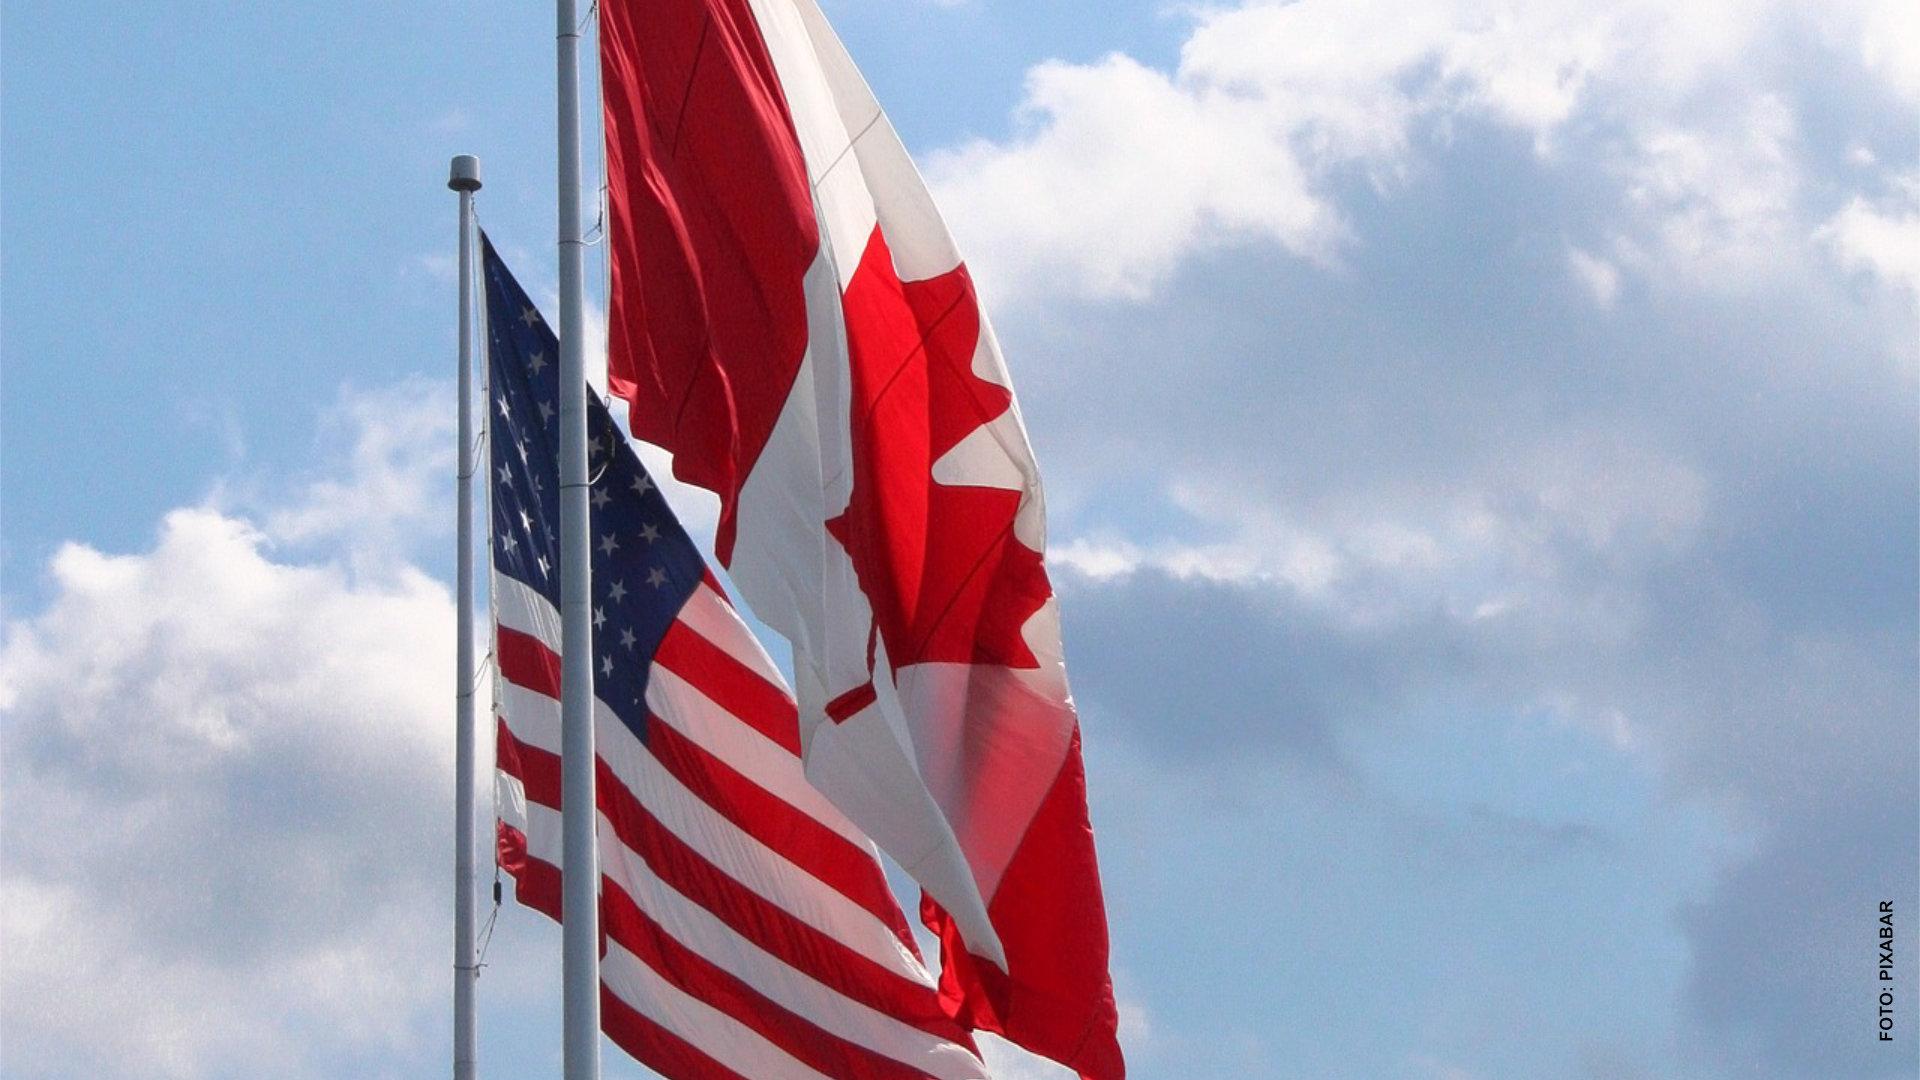 Canadienses denuncian a estadounidenses ilegales